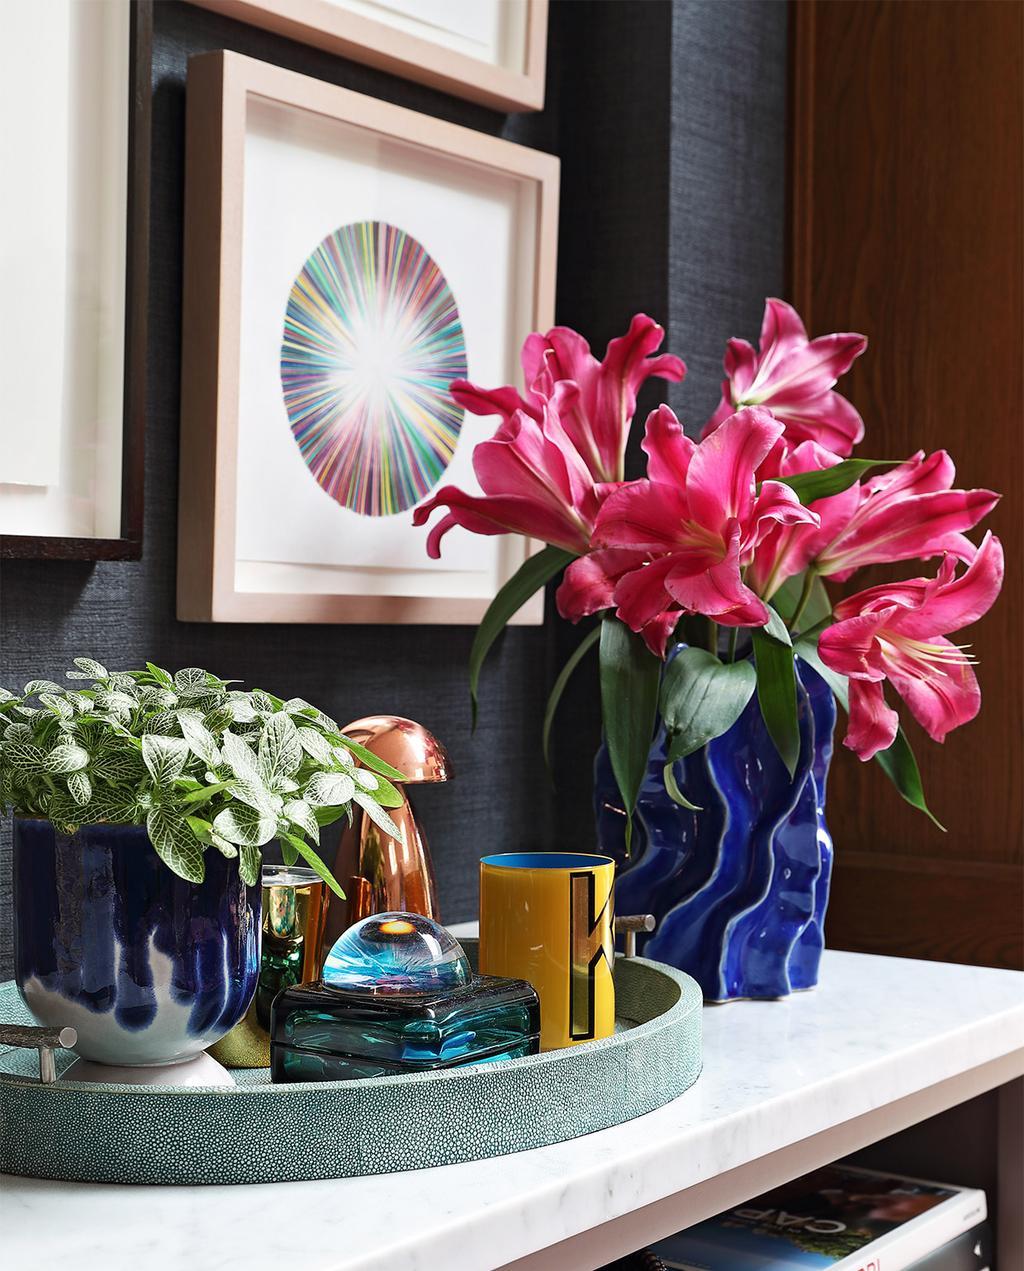 vtwonen binnenkijk special 07-2021 | behang gevlochten met blauwe vaas en roze bloem